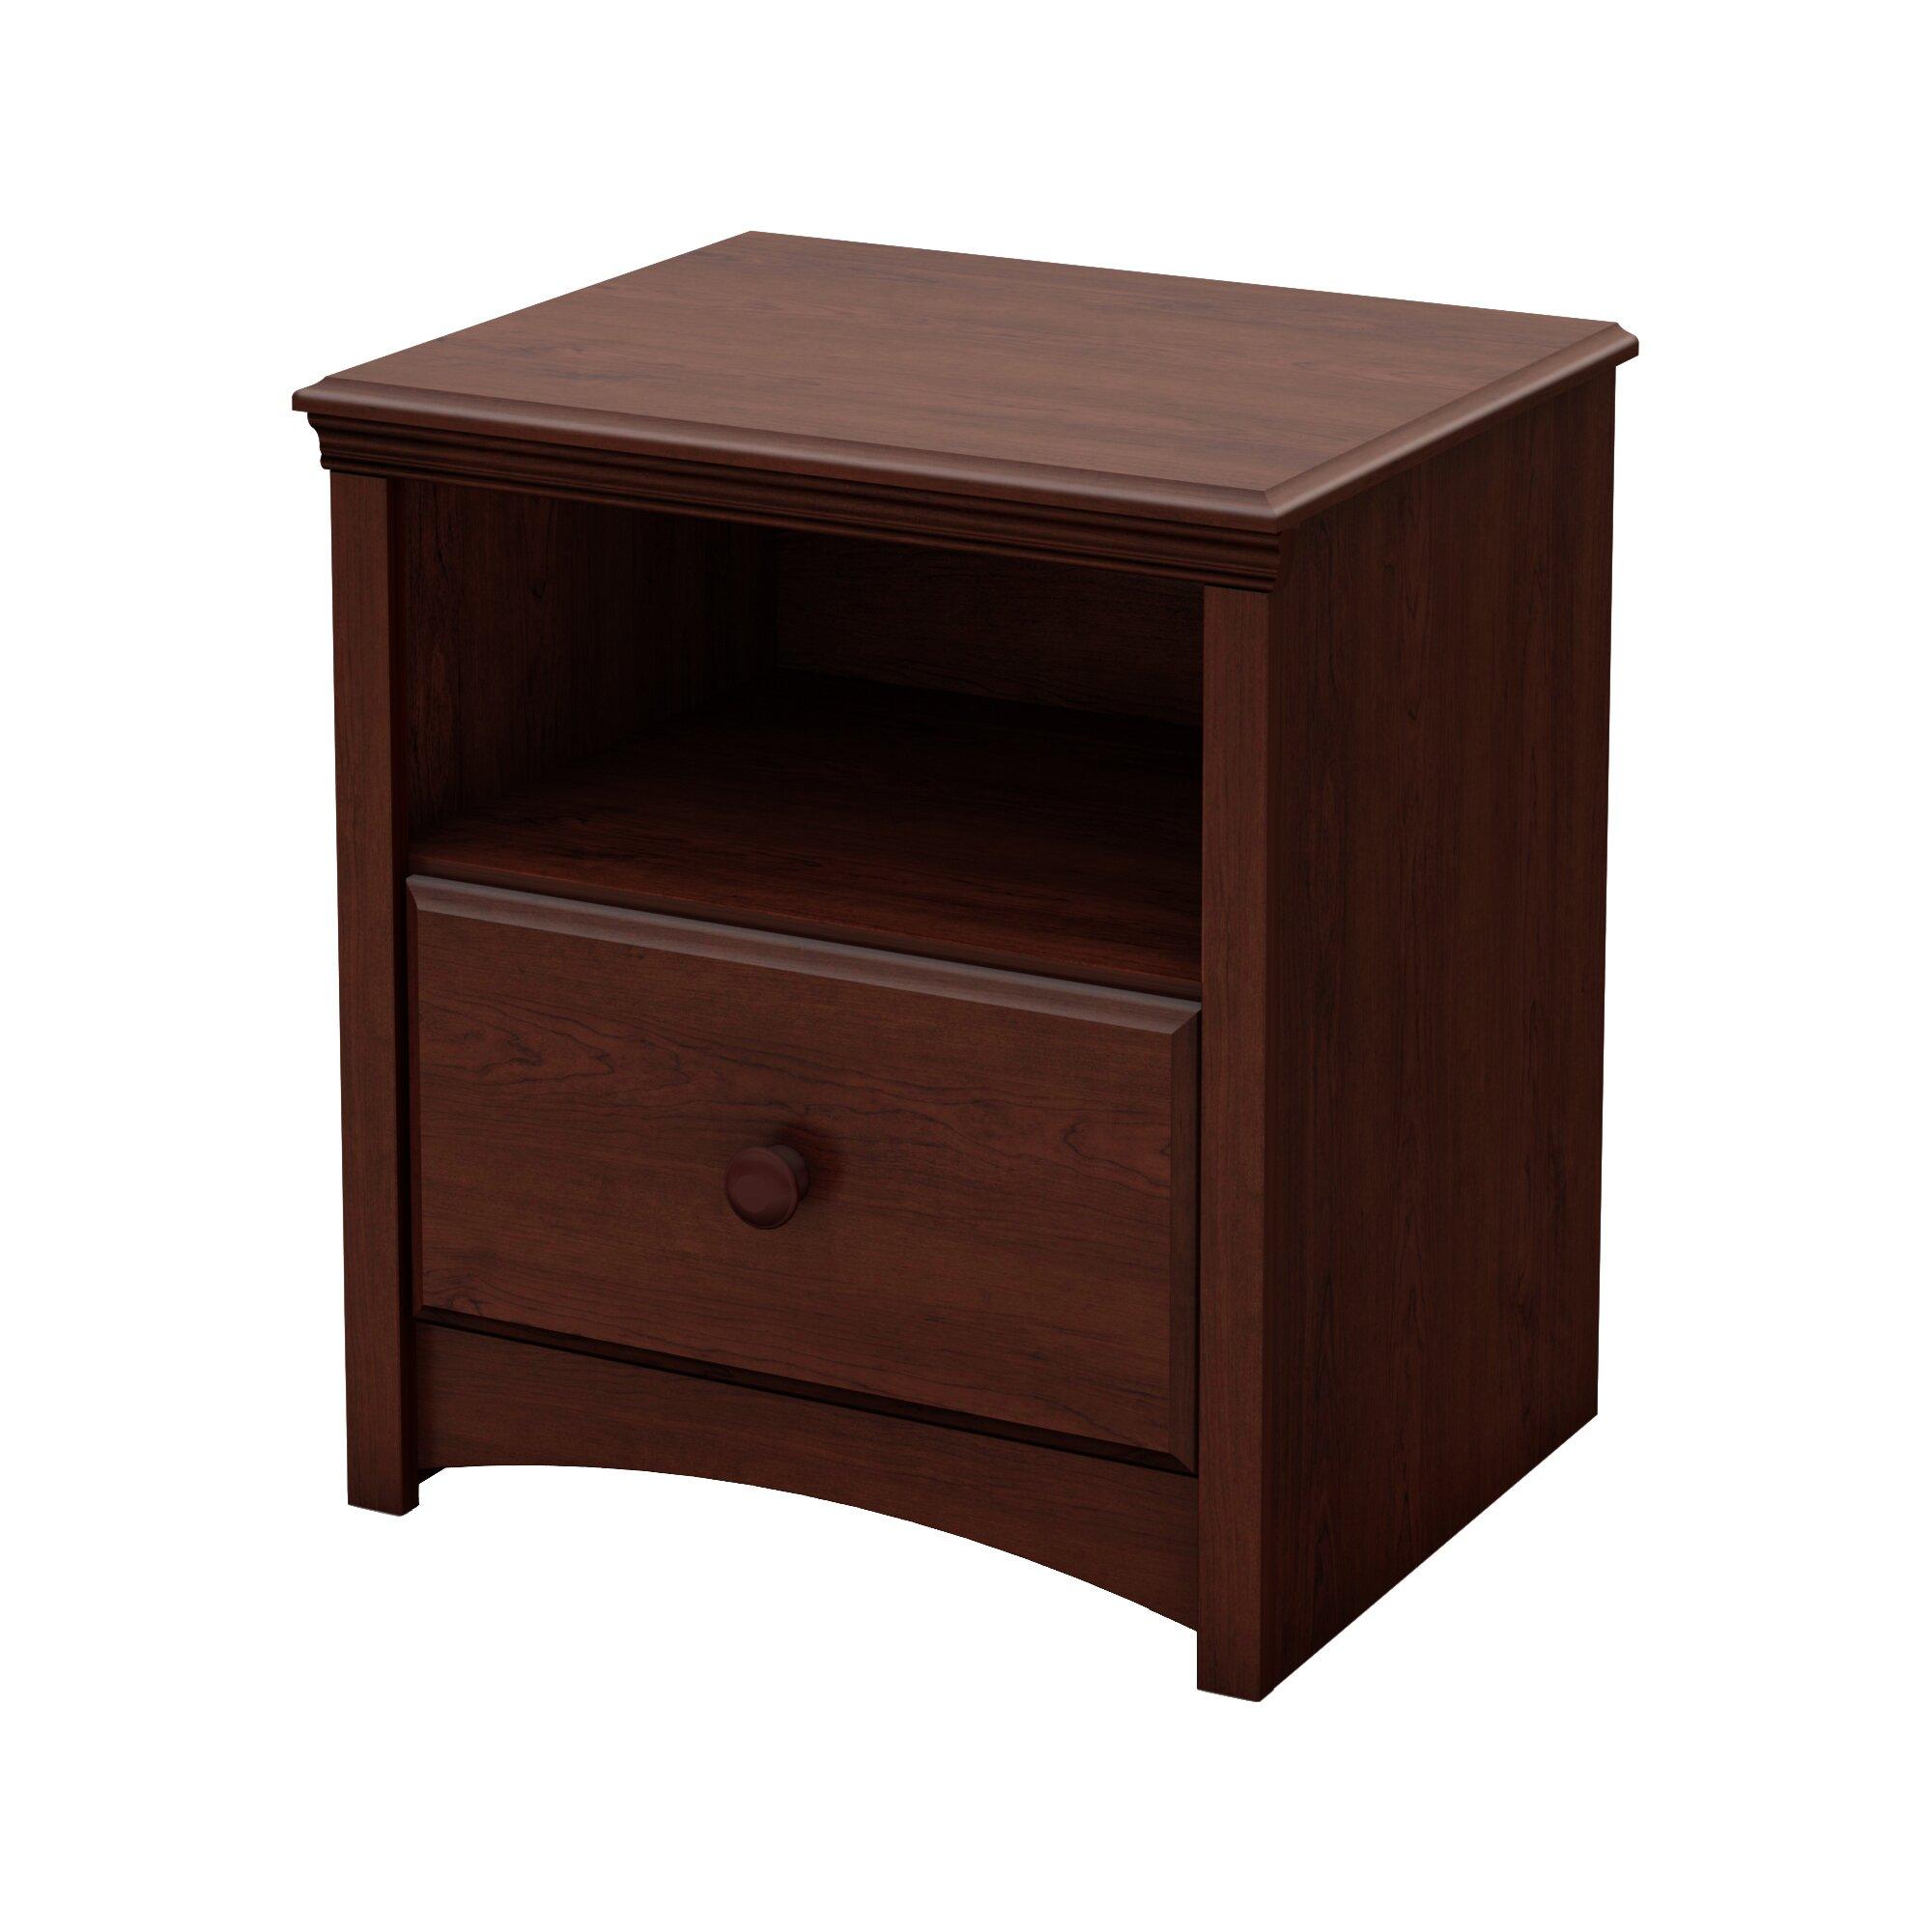 nachttisch appleridge mit schublade von manufacturer. Black Bedroom Furniture Sets. Home Design Ideas